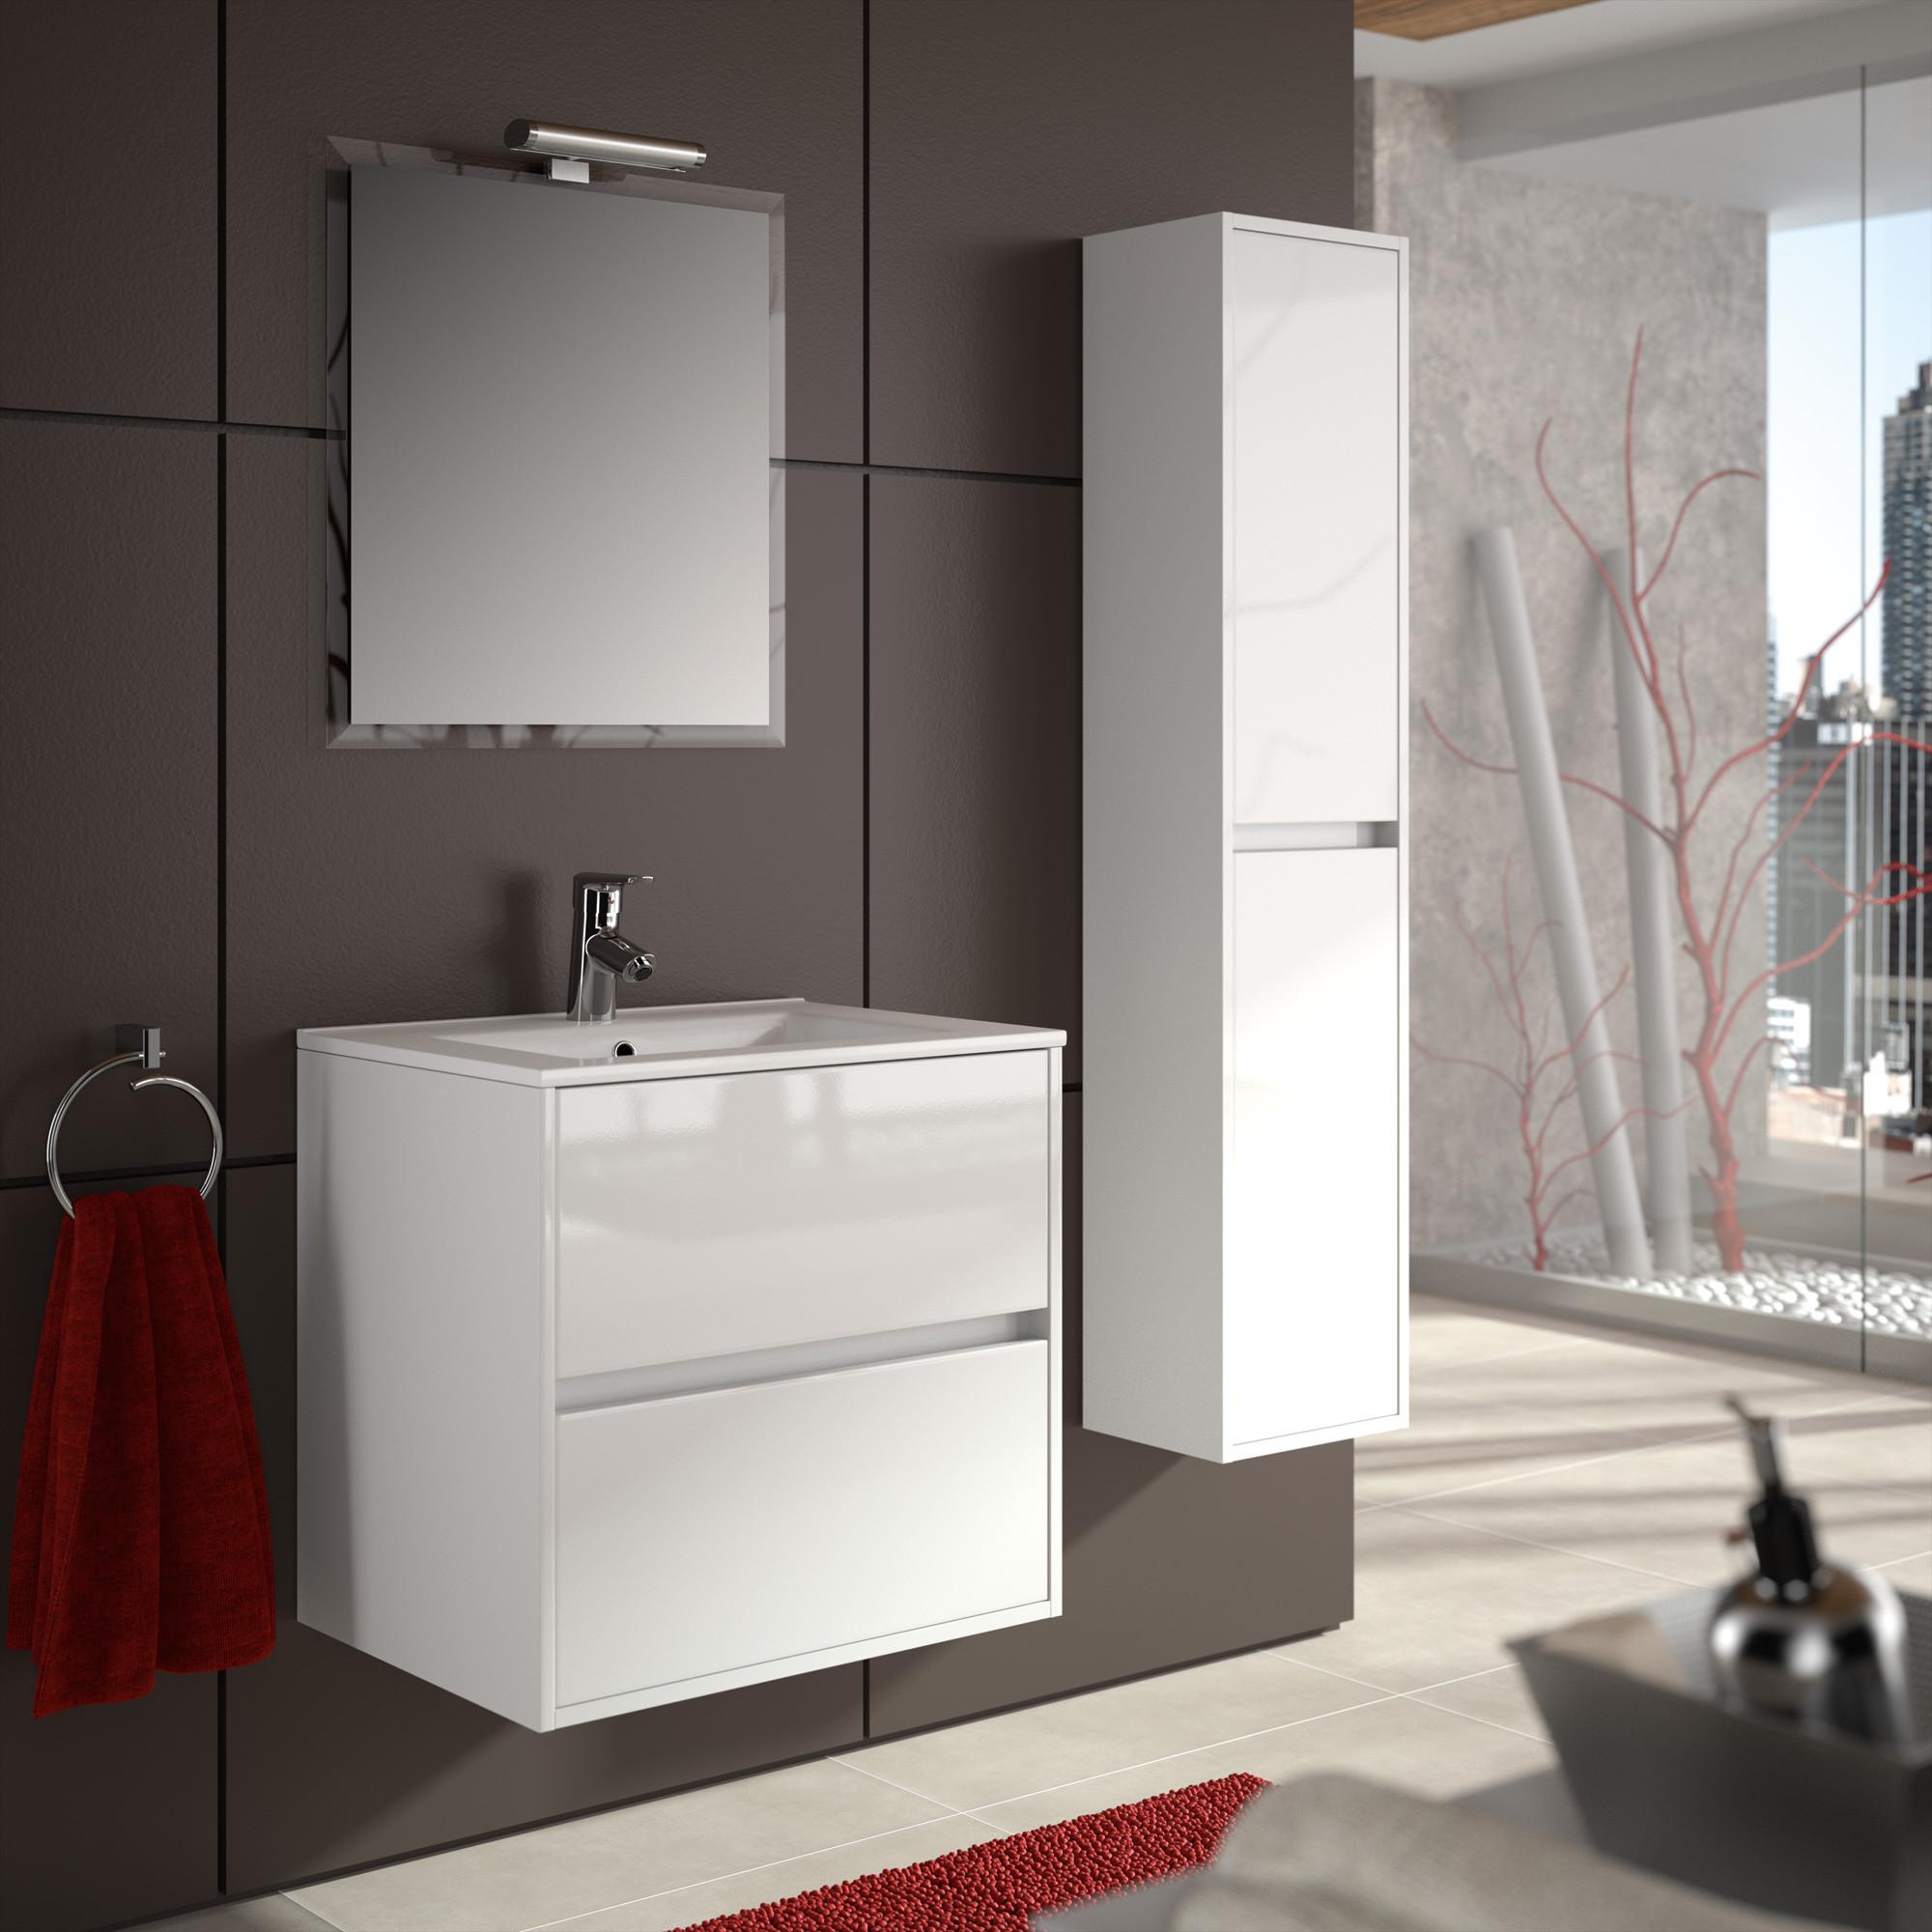 Meuble salle de bain bois blanc for Meuble milano brico depot